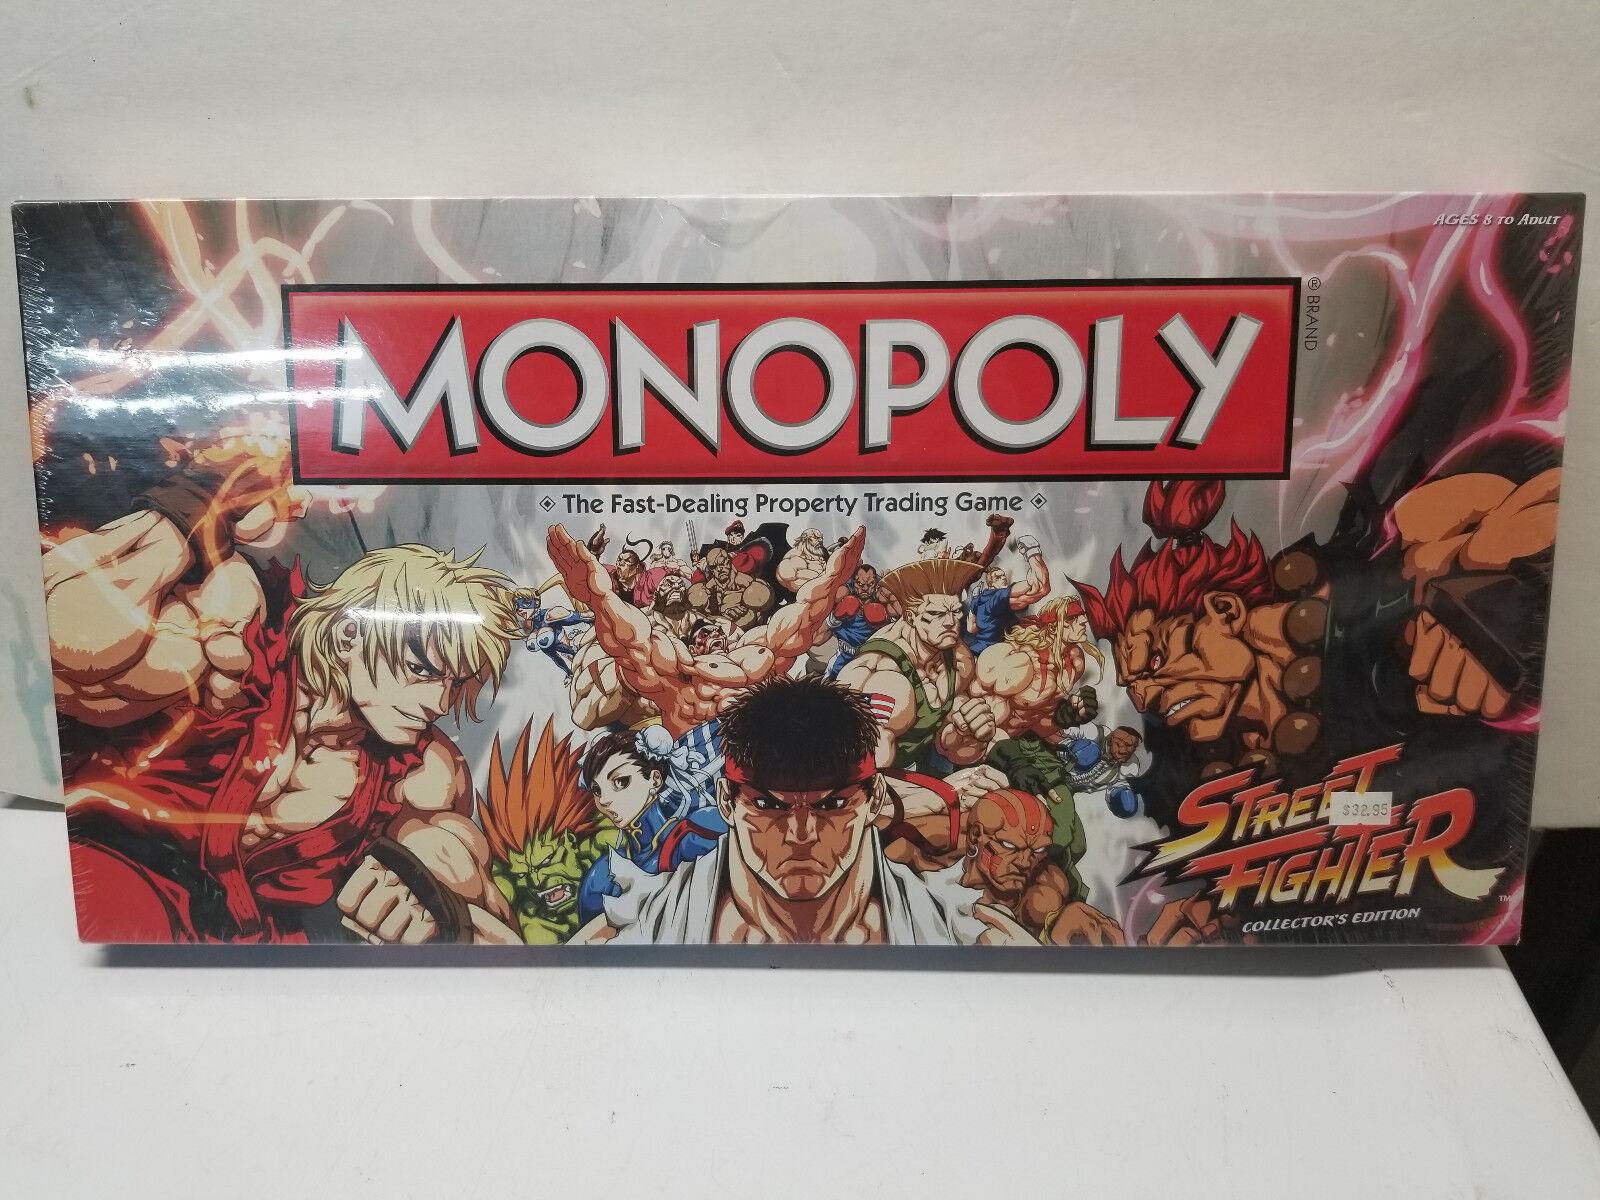 Street fighter collector 's edition monopol neue versiegelt